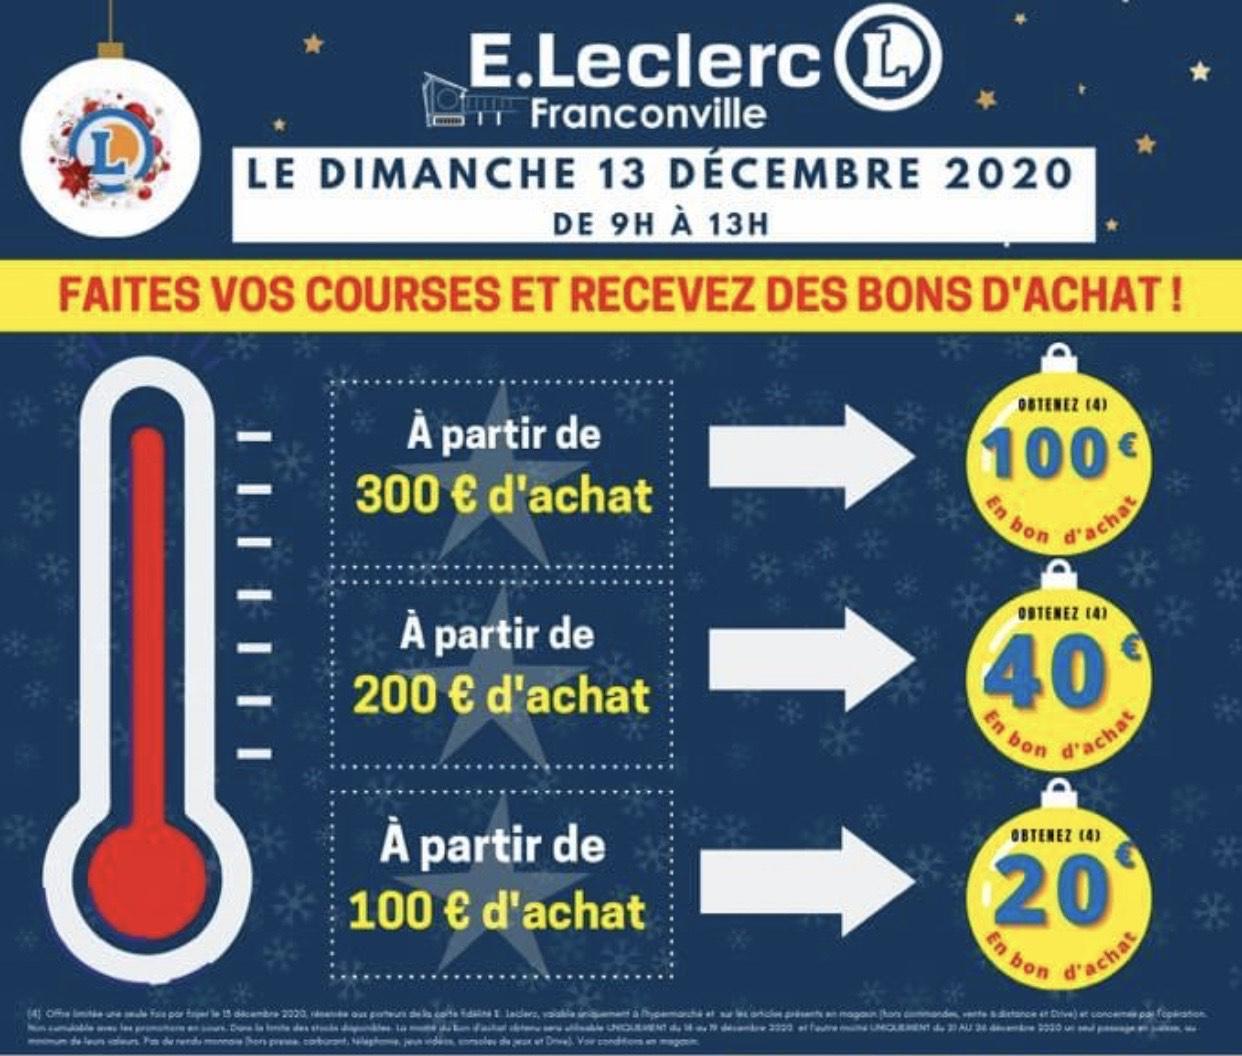 20€ en bon d'achat dès 100€, 40€ dès 200€ et 100€ dès 300€ d'achat en magasin - Franconville (95)